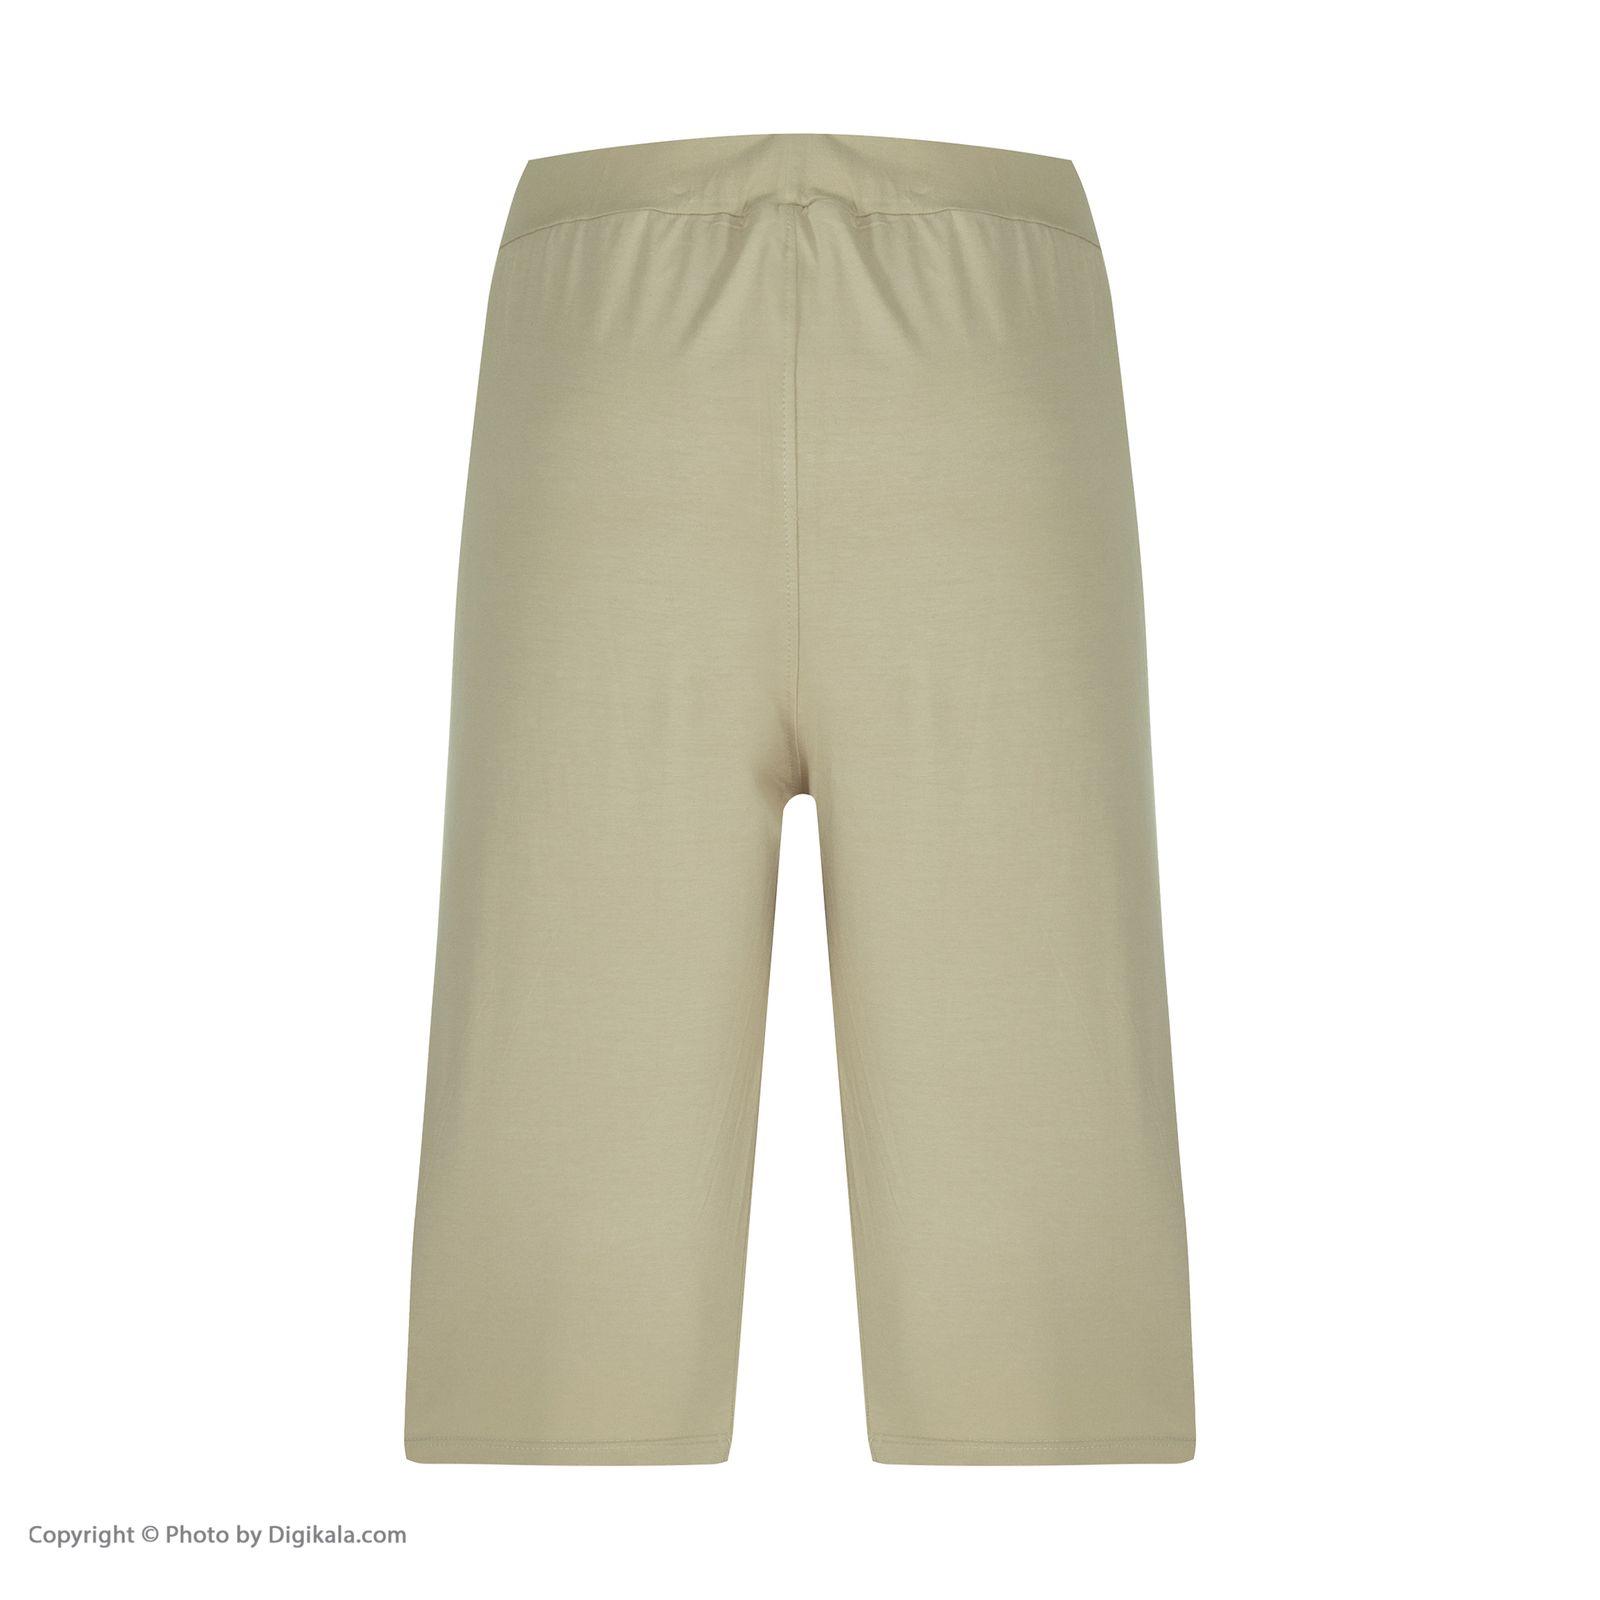 ست تی شرت و شلوارک راحتی مردانه مادر مدل 2041109-07 -  - 9